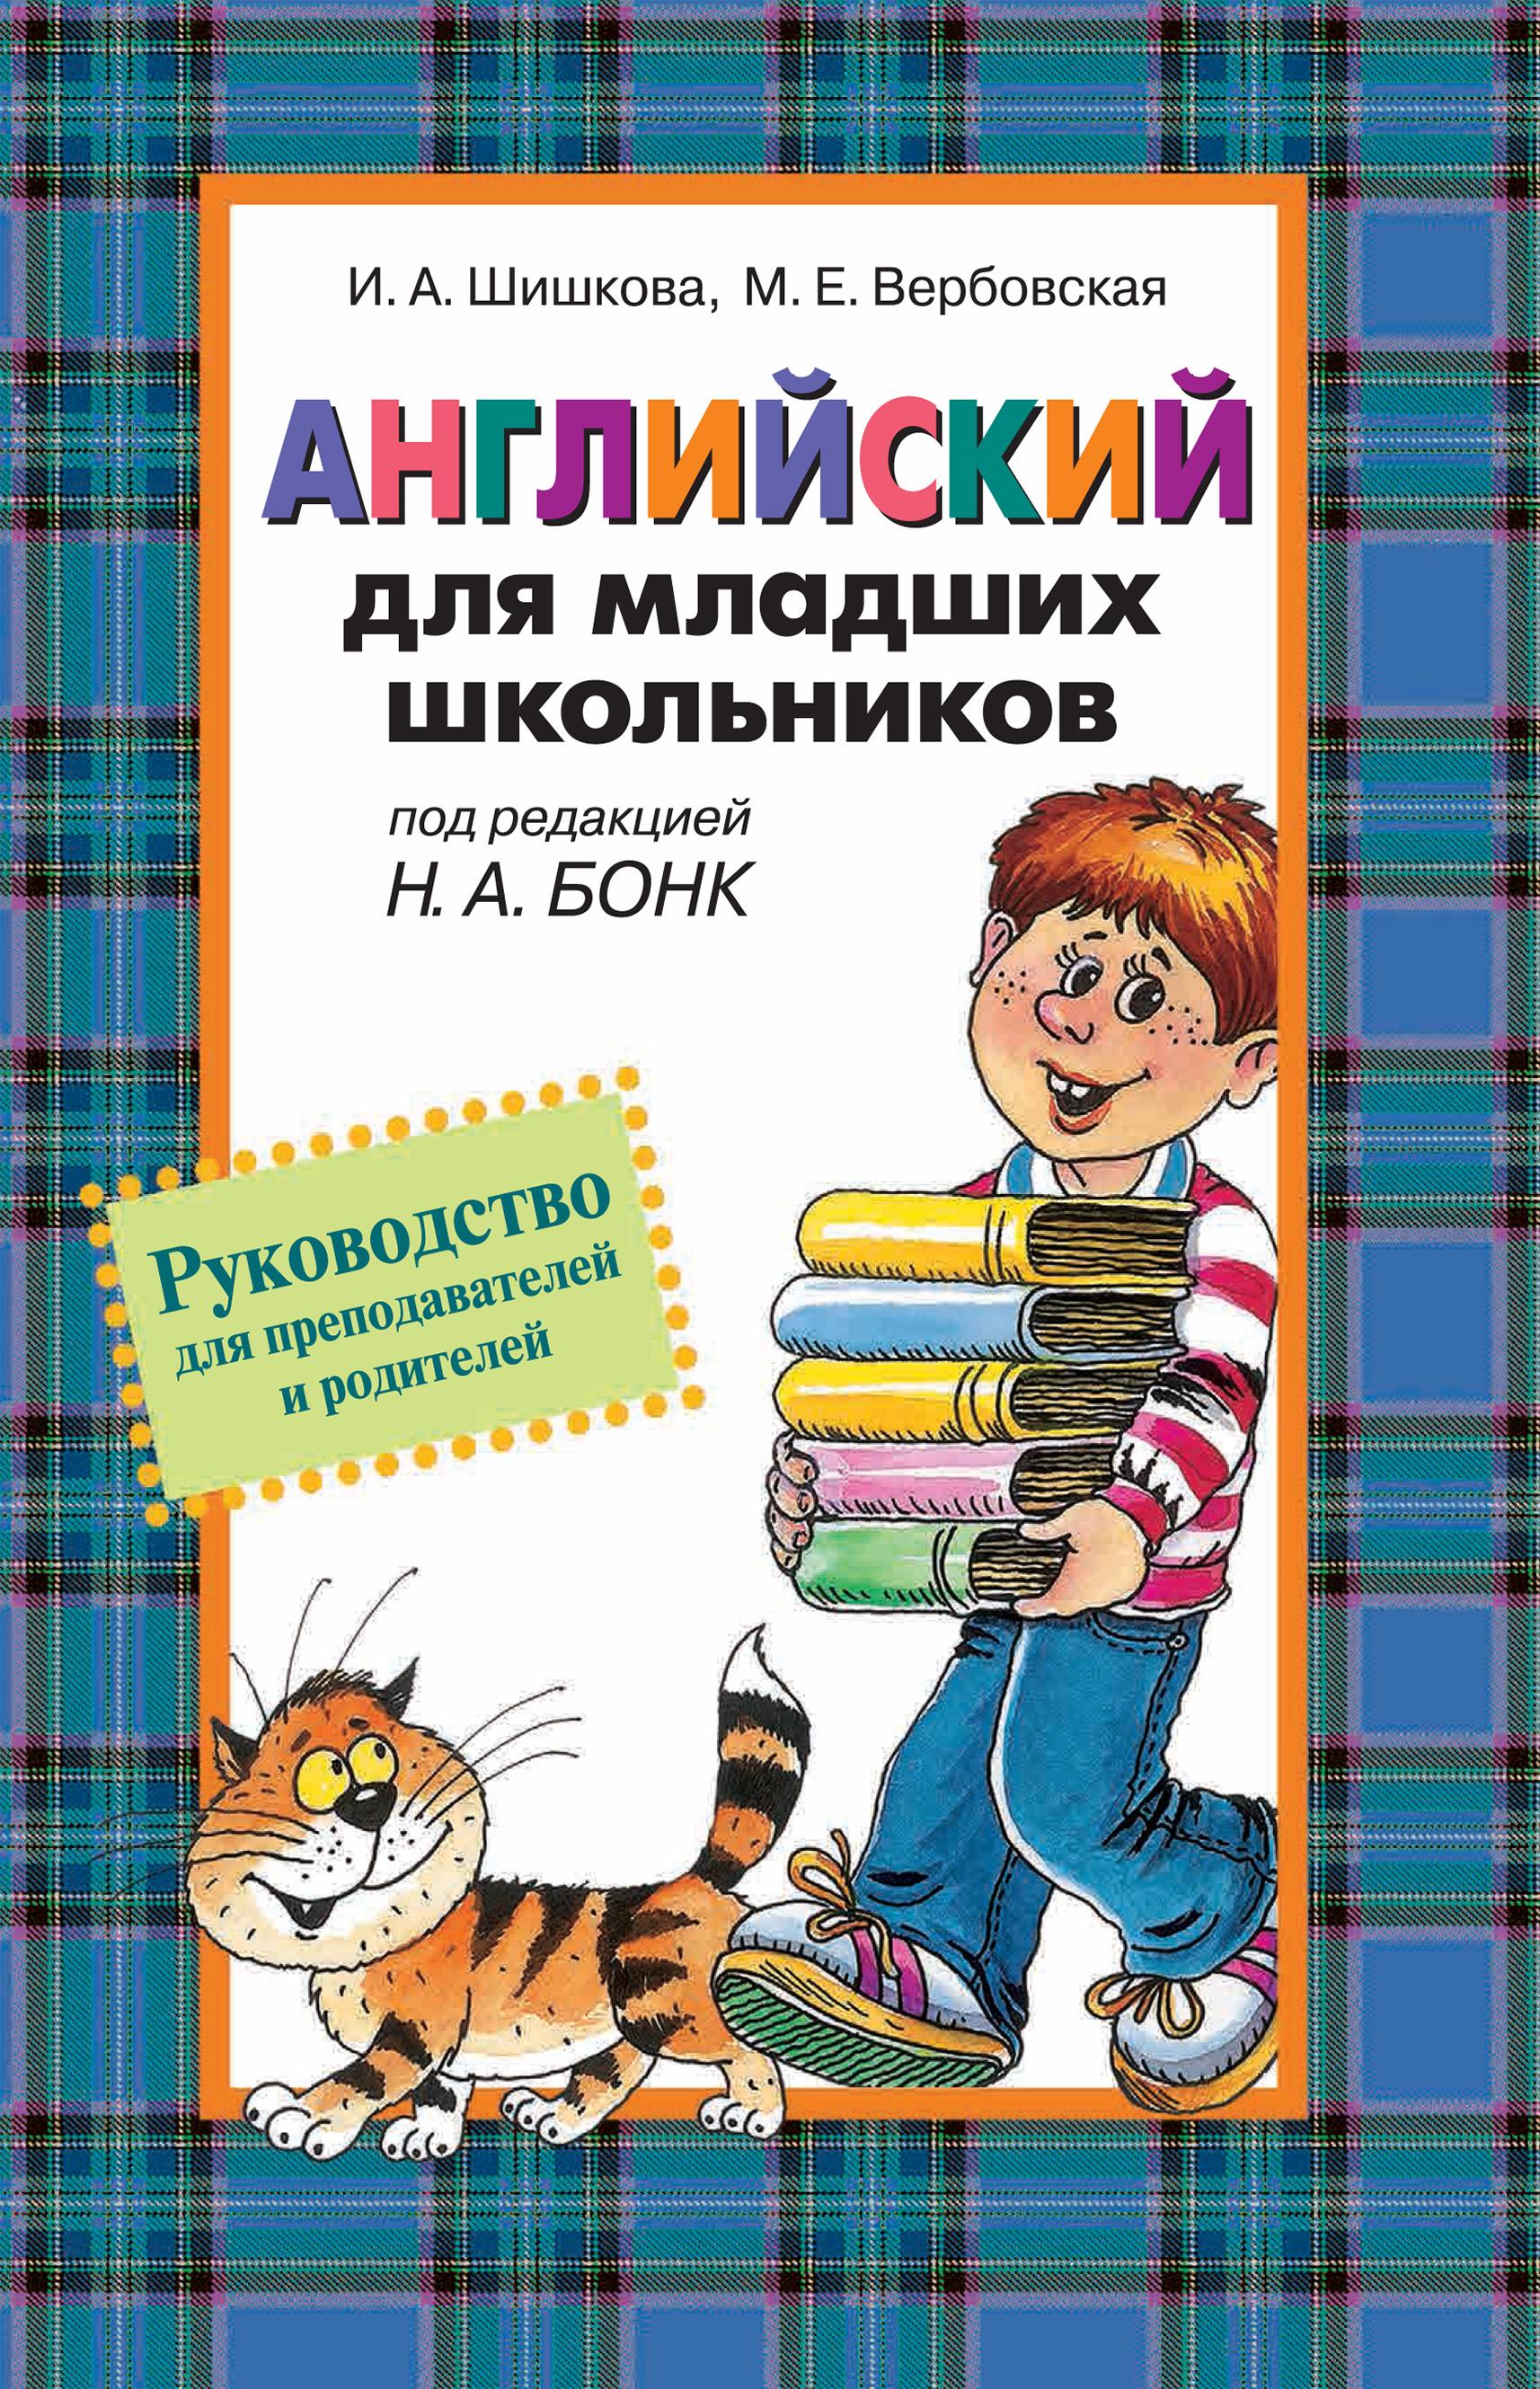 Английский для младших школьников. Руководство для преподавателей и родителей фото